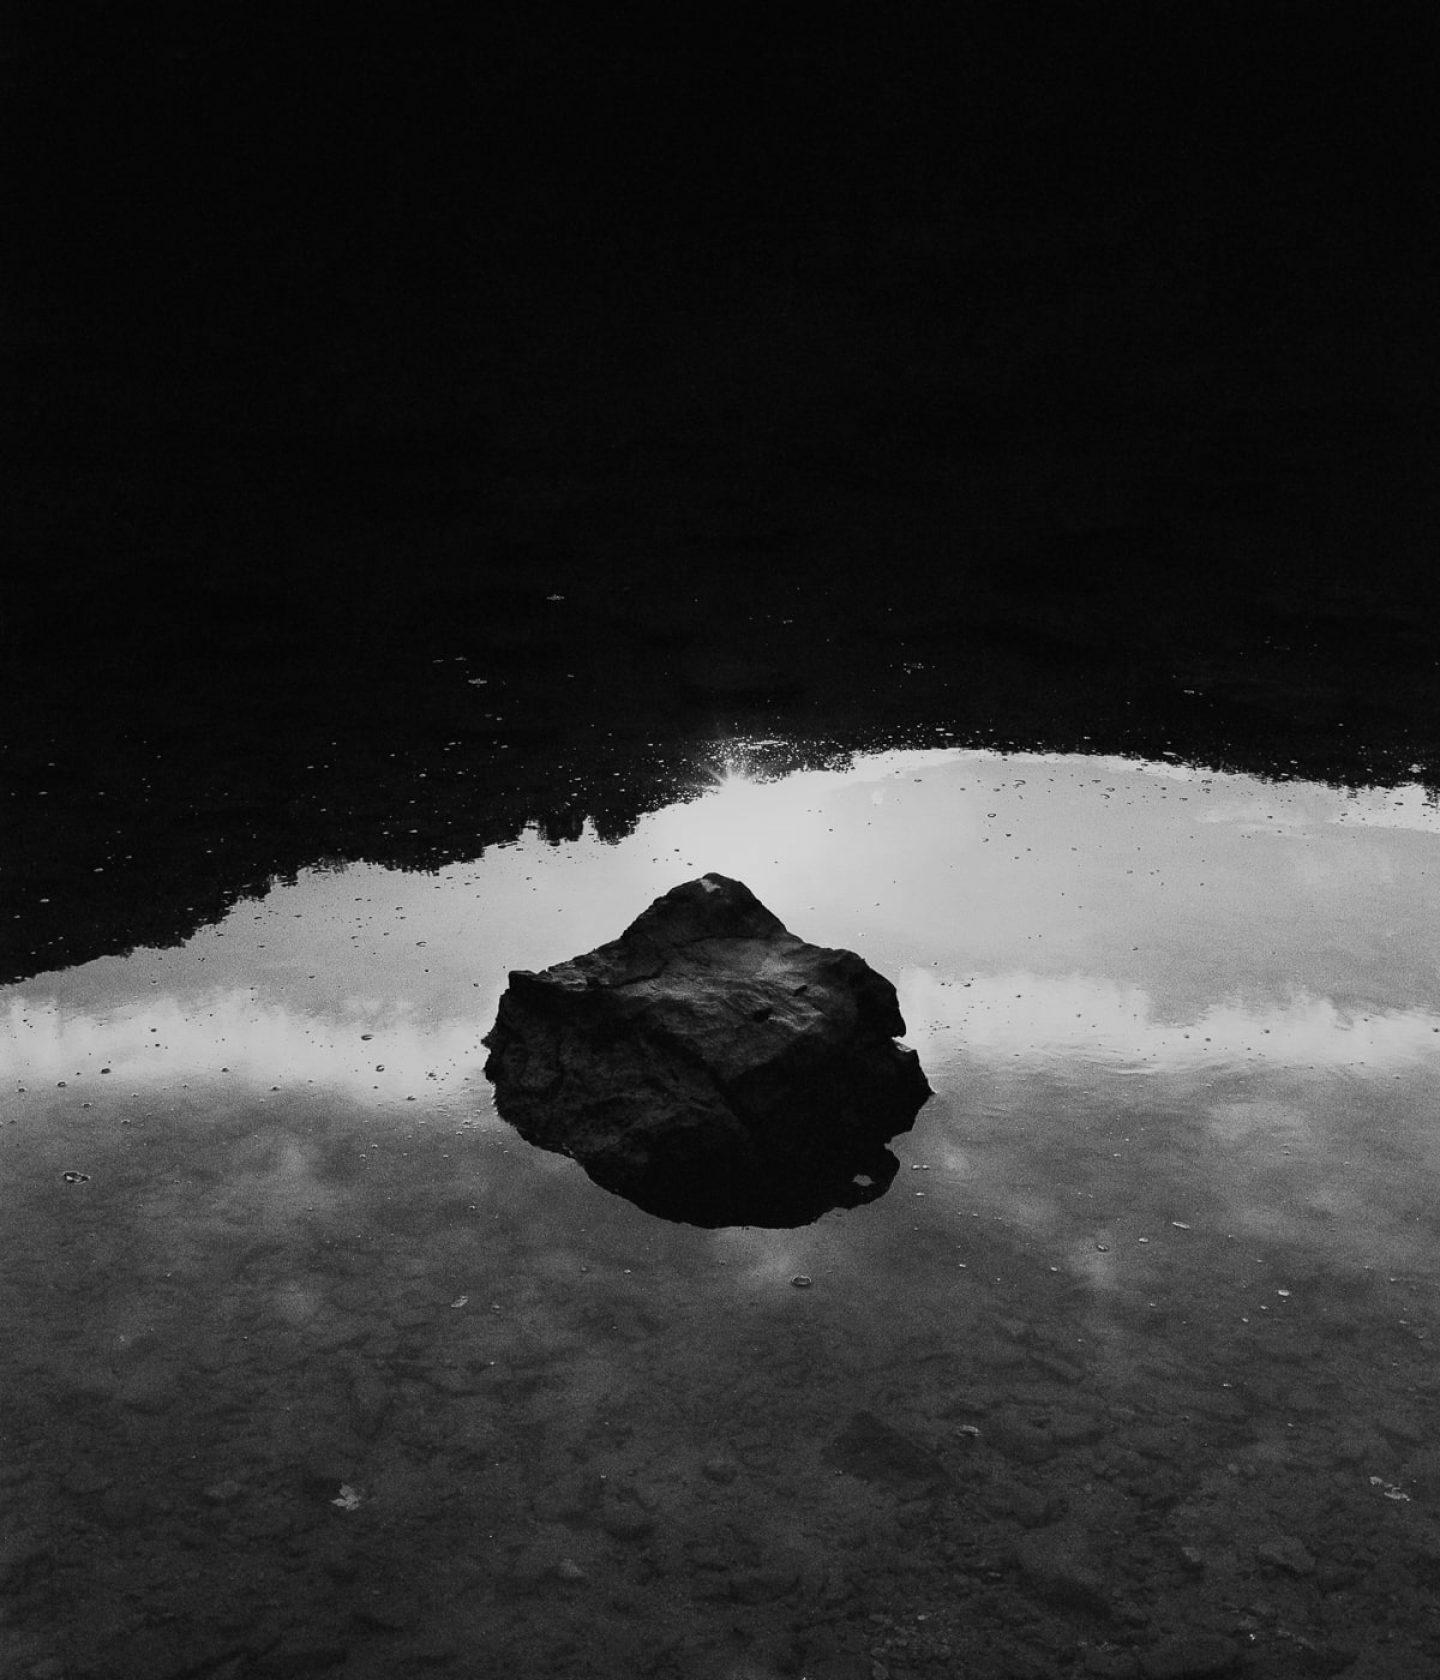 IGNANT-Art-Photography-Jošt Dolinšek-9